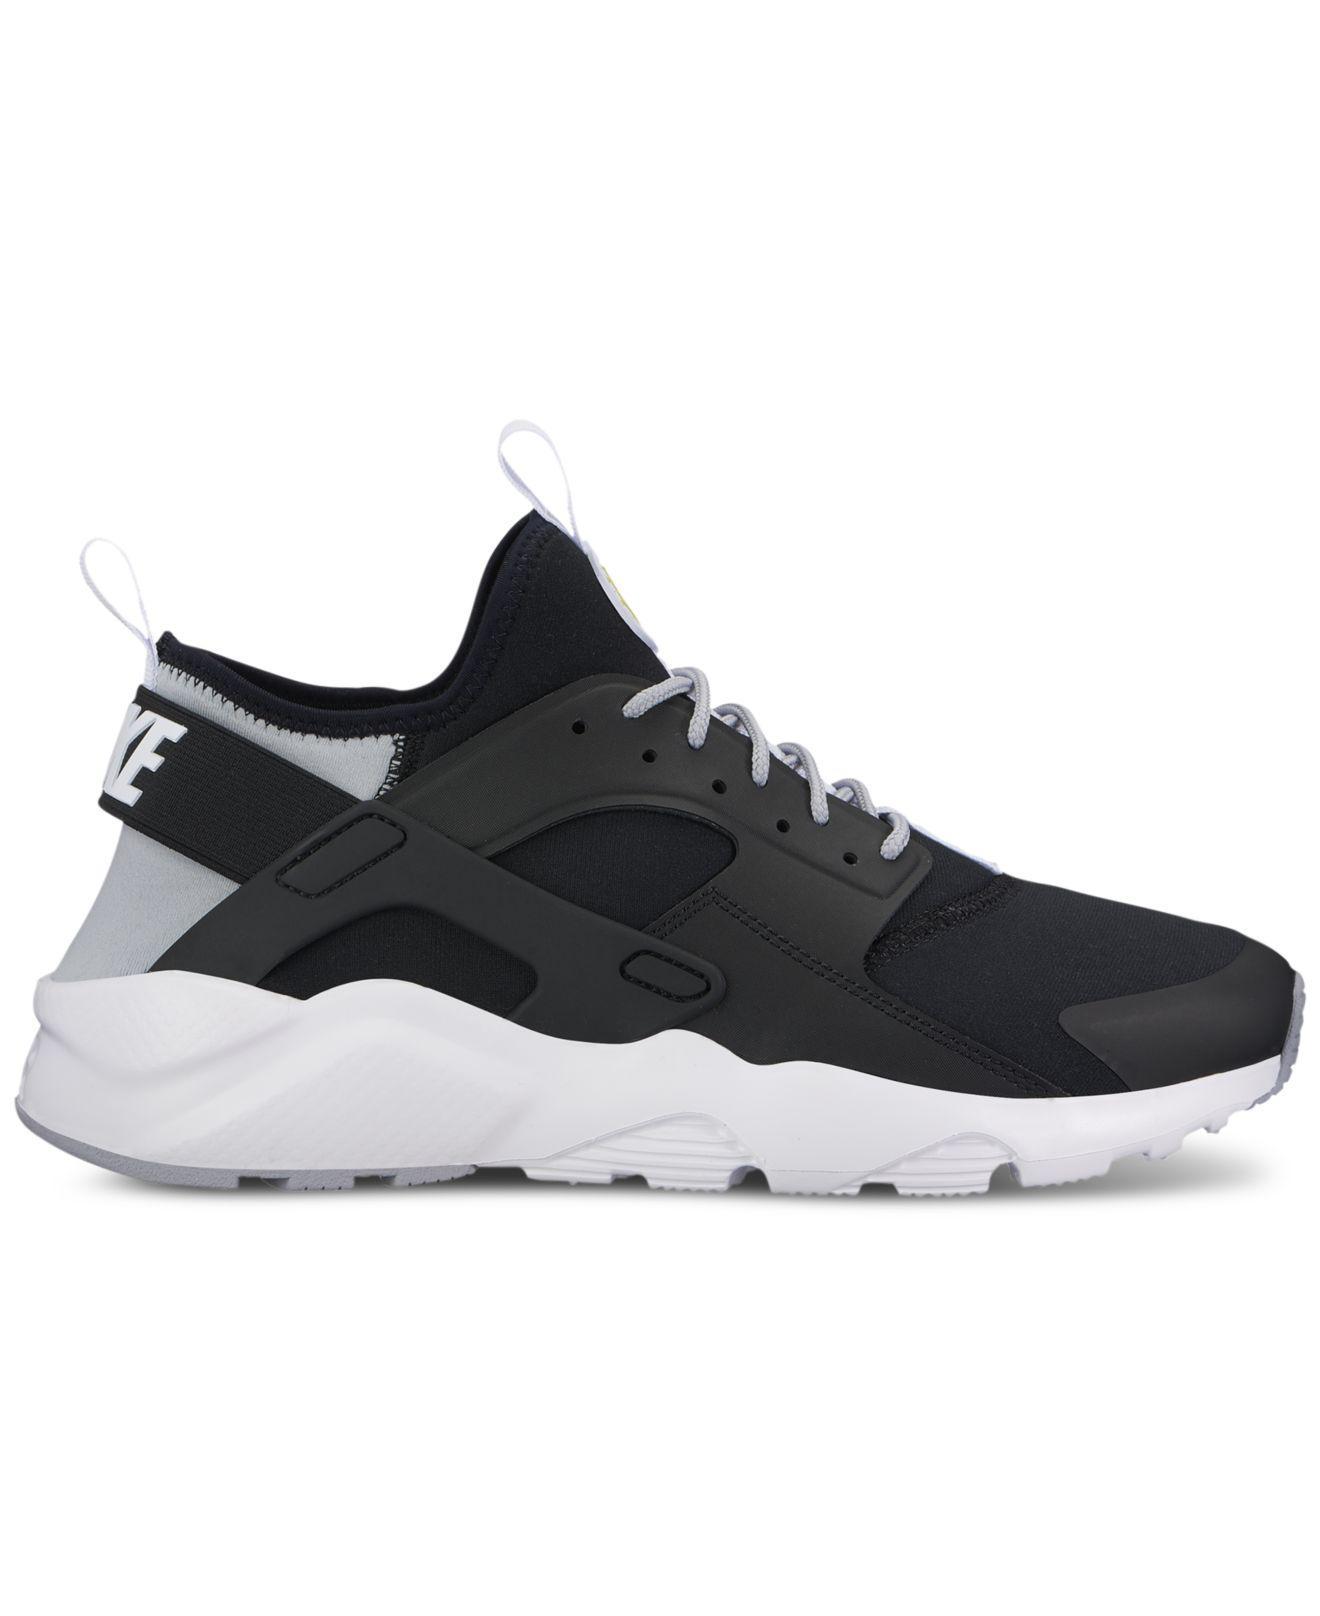 d8376959e22e Lyst - Nike Men s Air Huarache Run Ultra Running Sneakers From ...